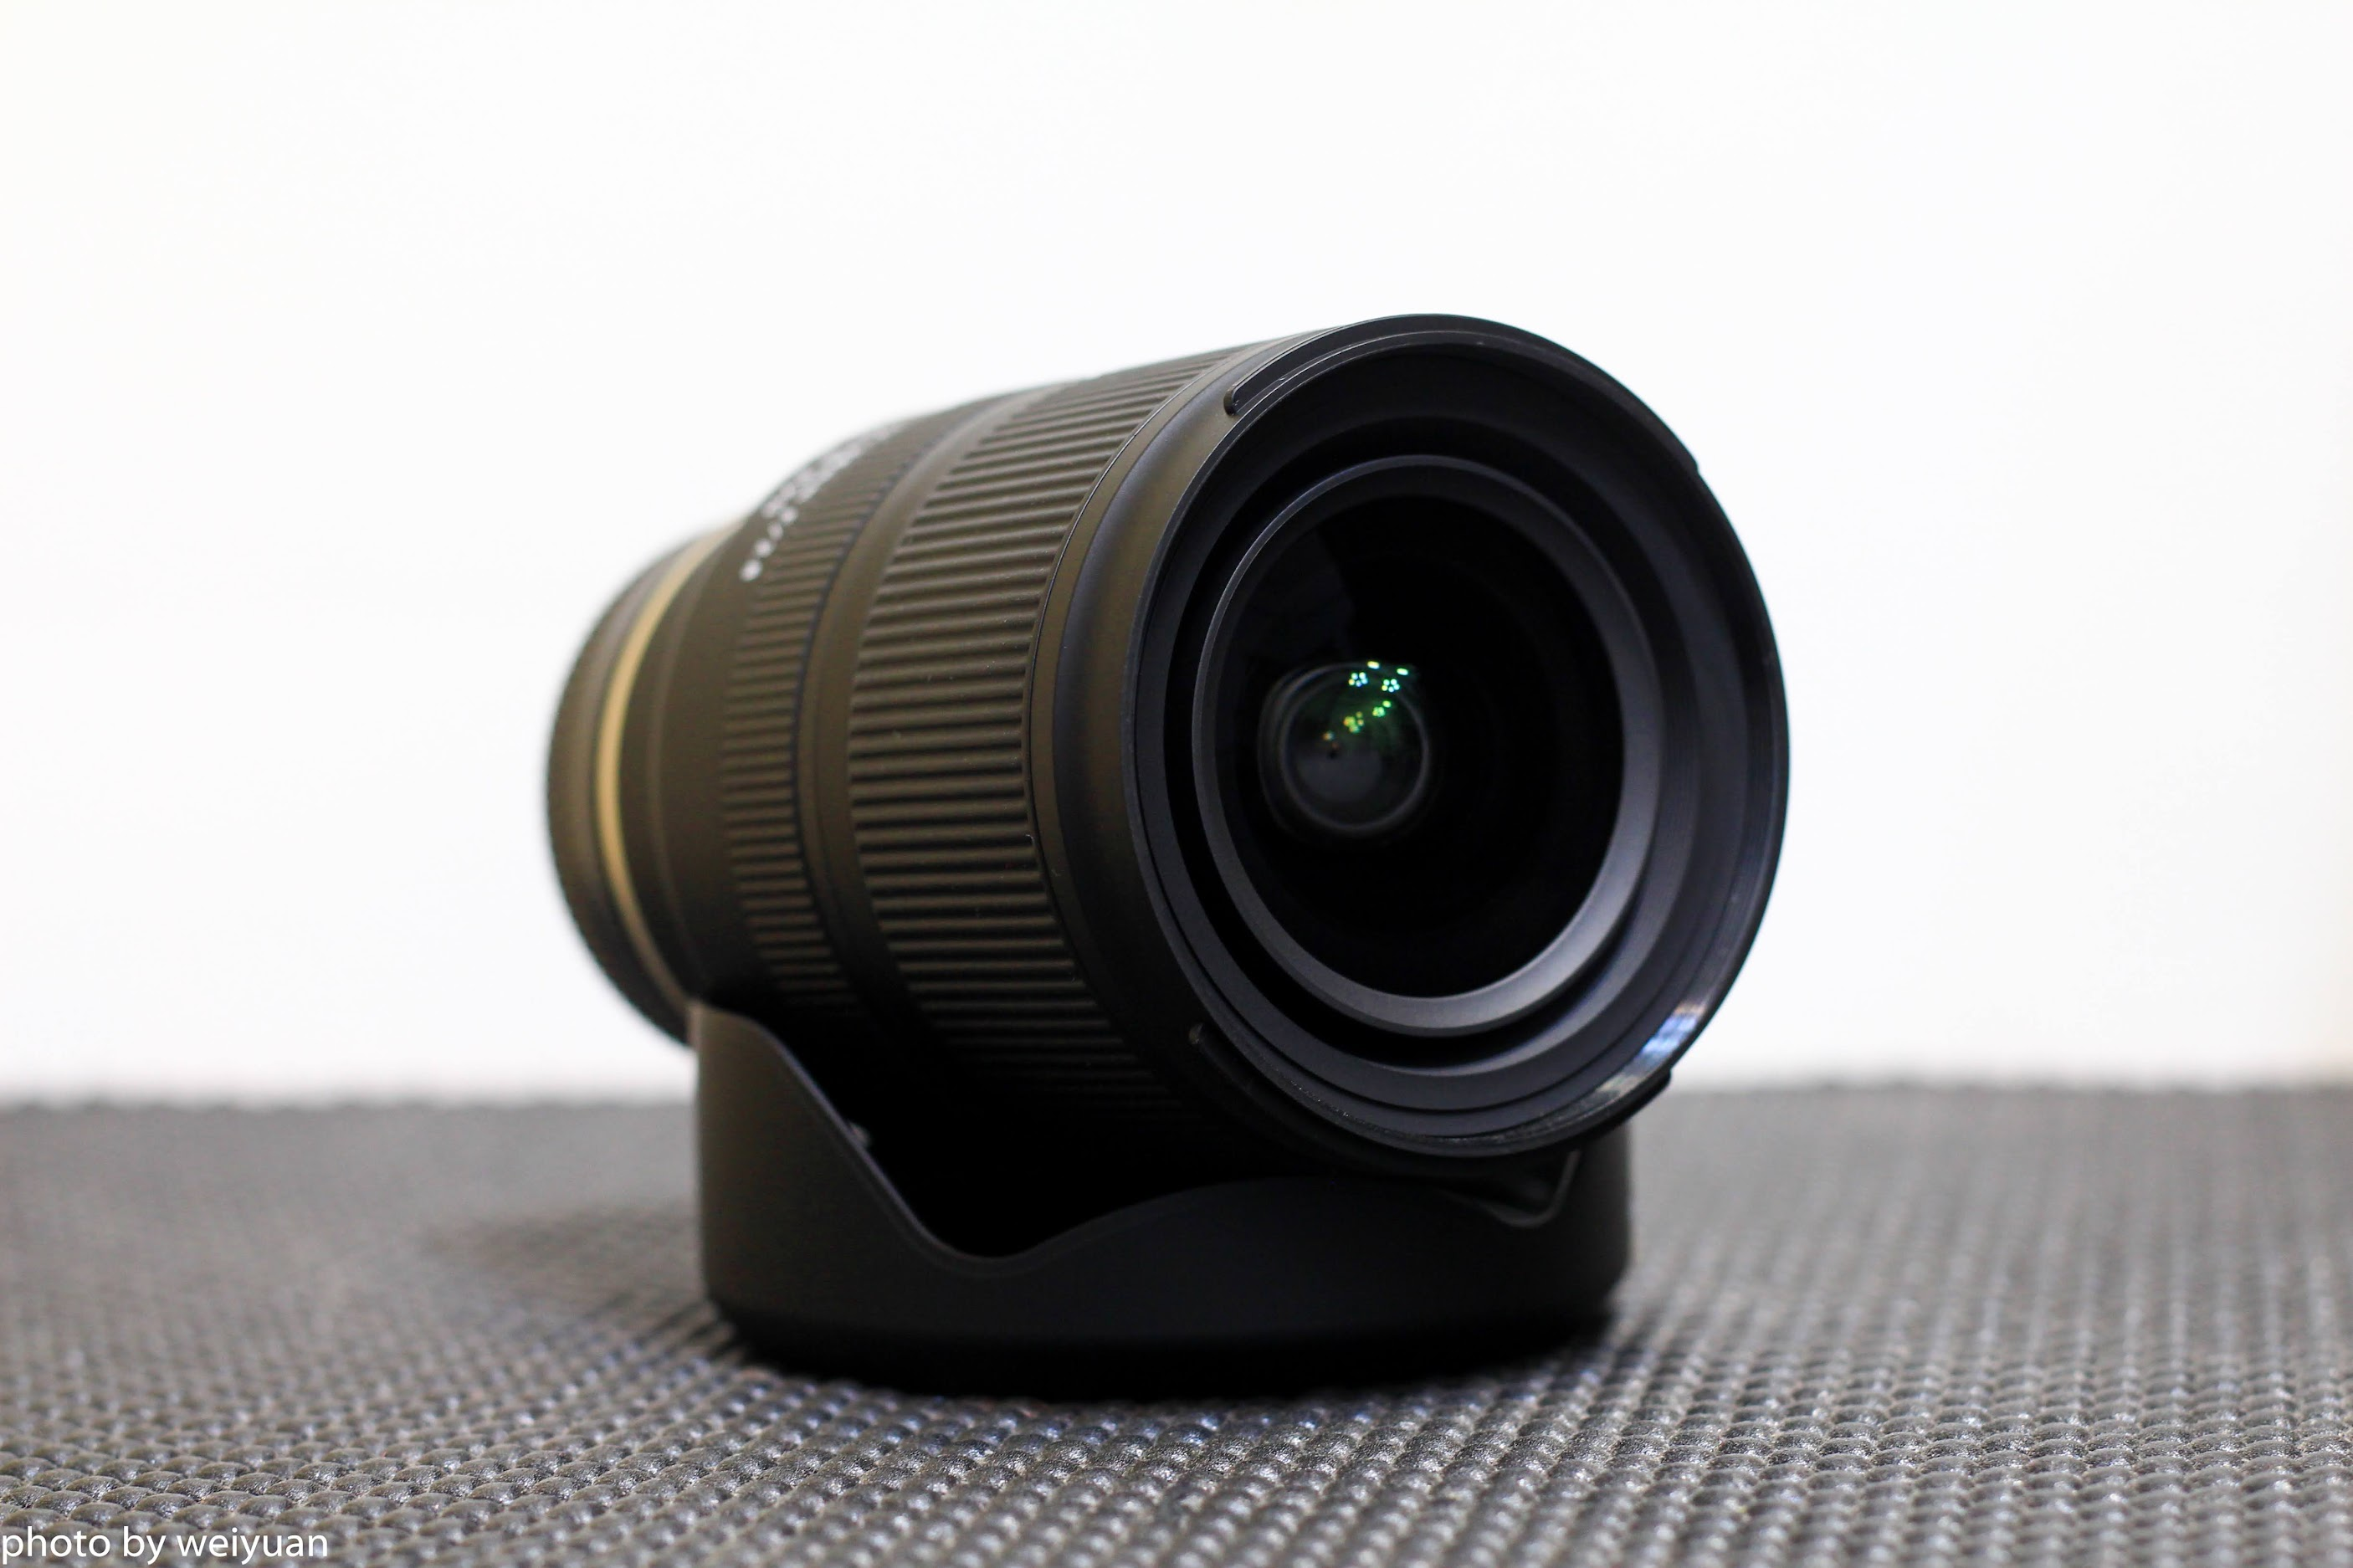 [開箱/攝影]Tamron 17-28mm f/2.8 Di III RXD A046開箱,輕量化超廣角大光圈鏡頭 – My Photo My Life